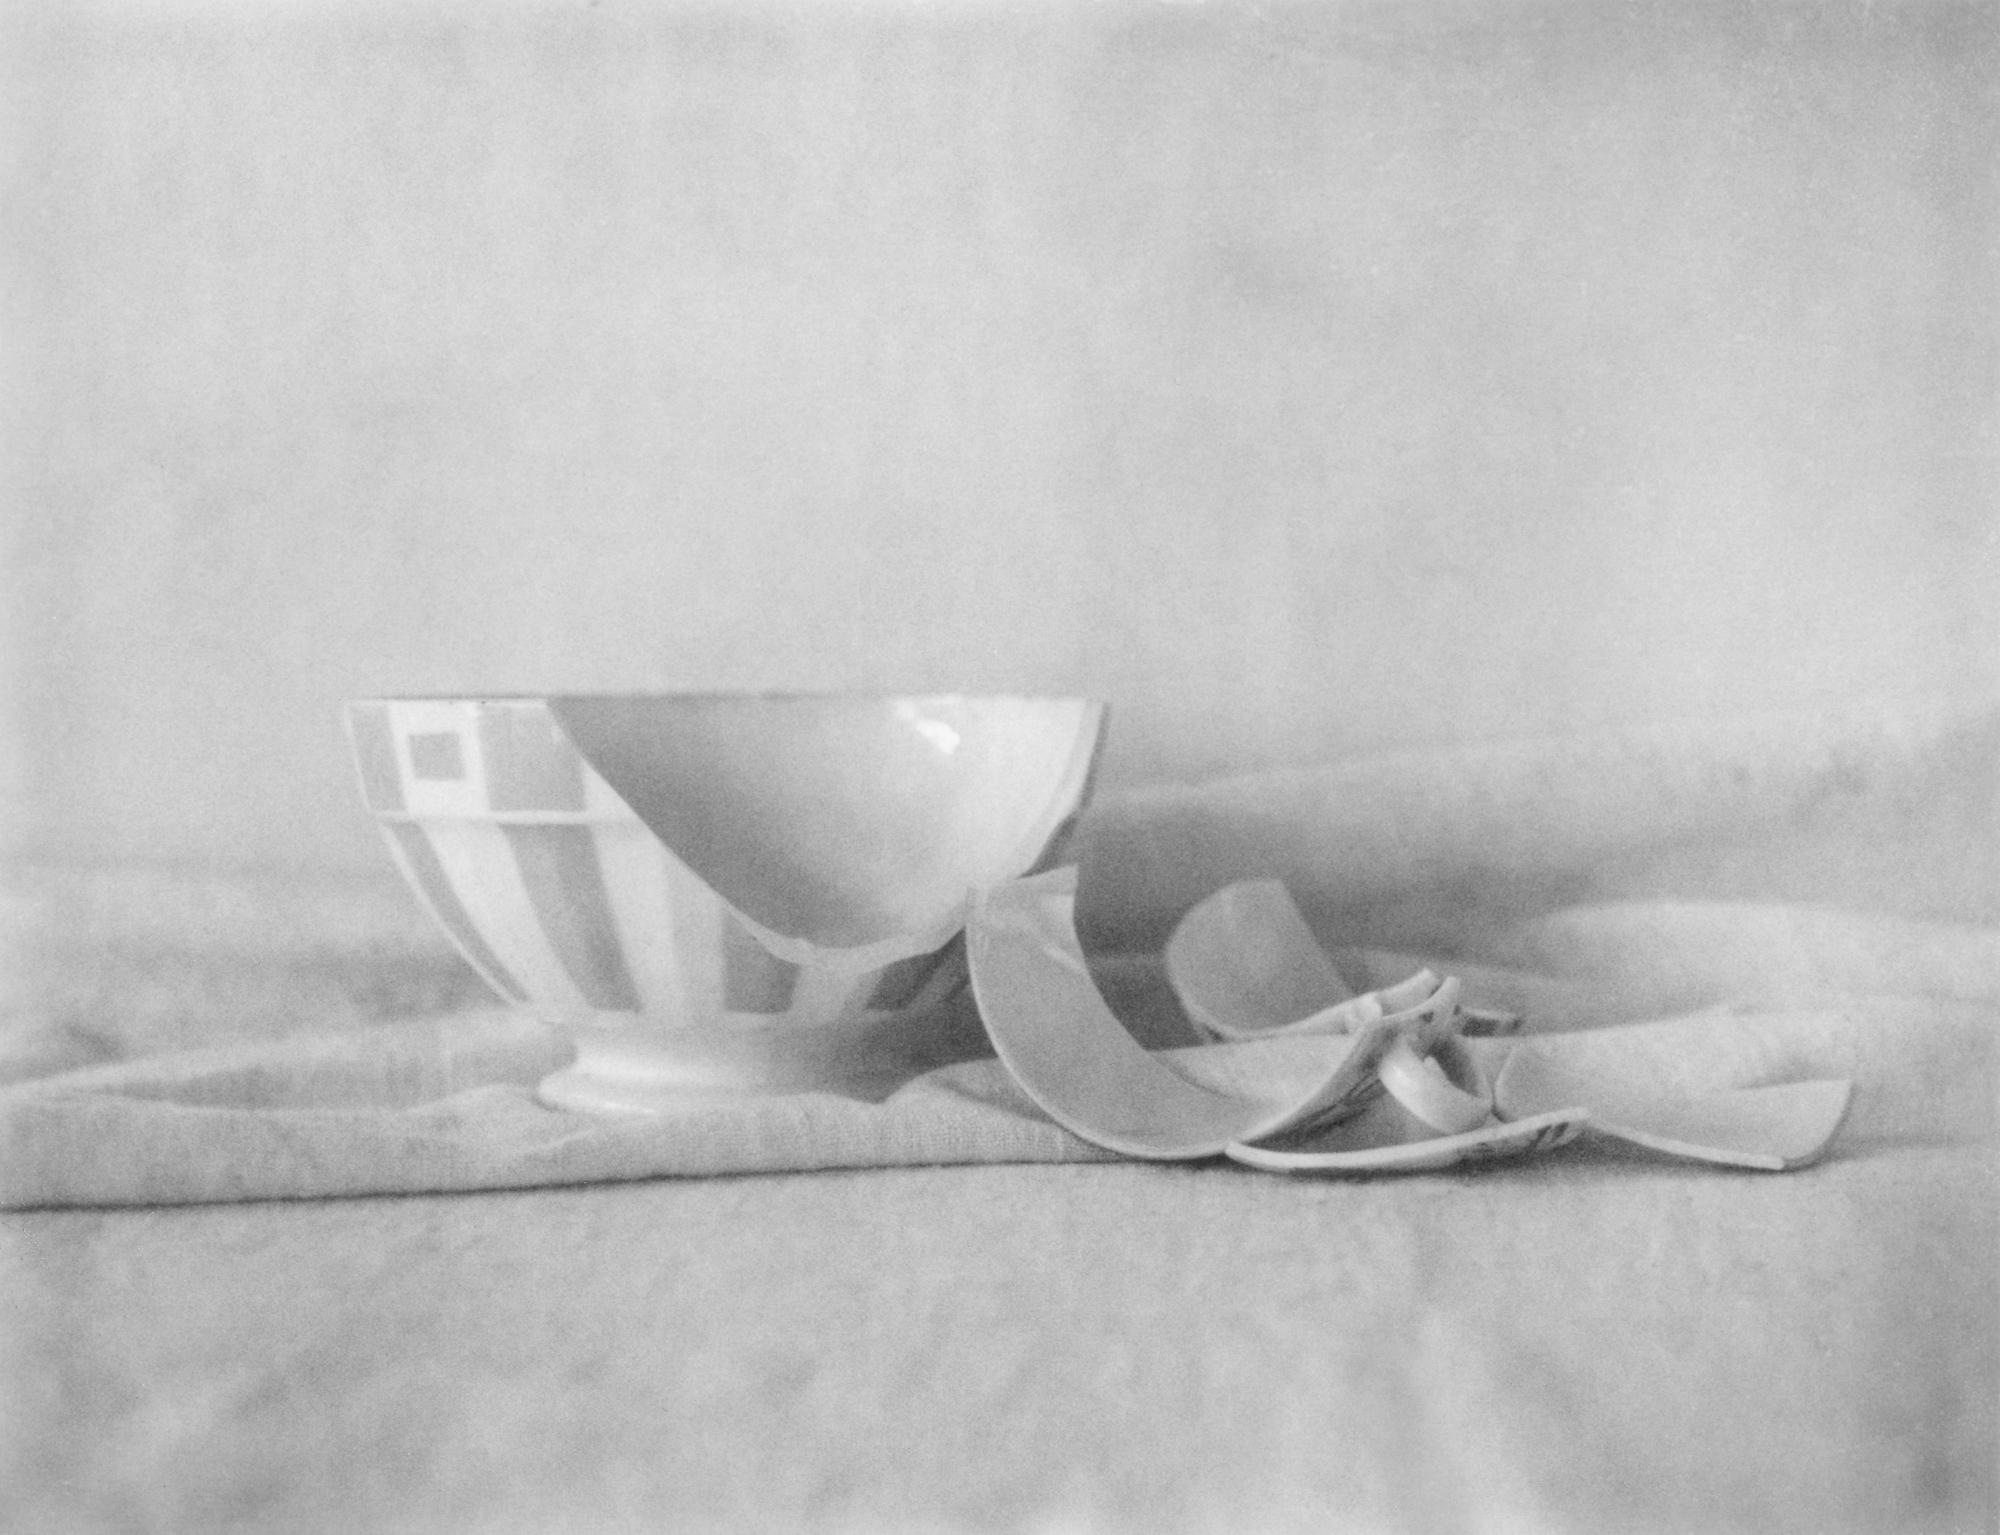 Broken French Bowl